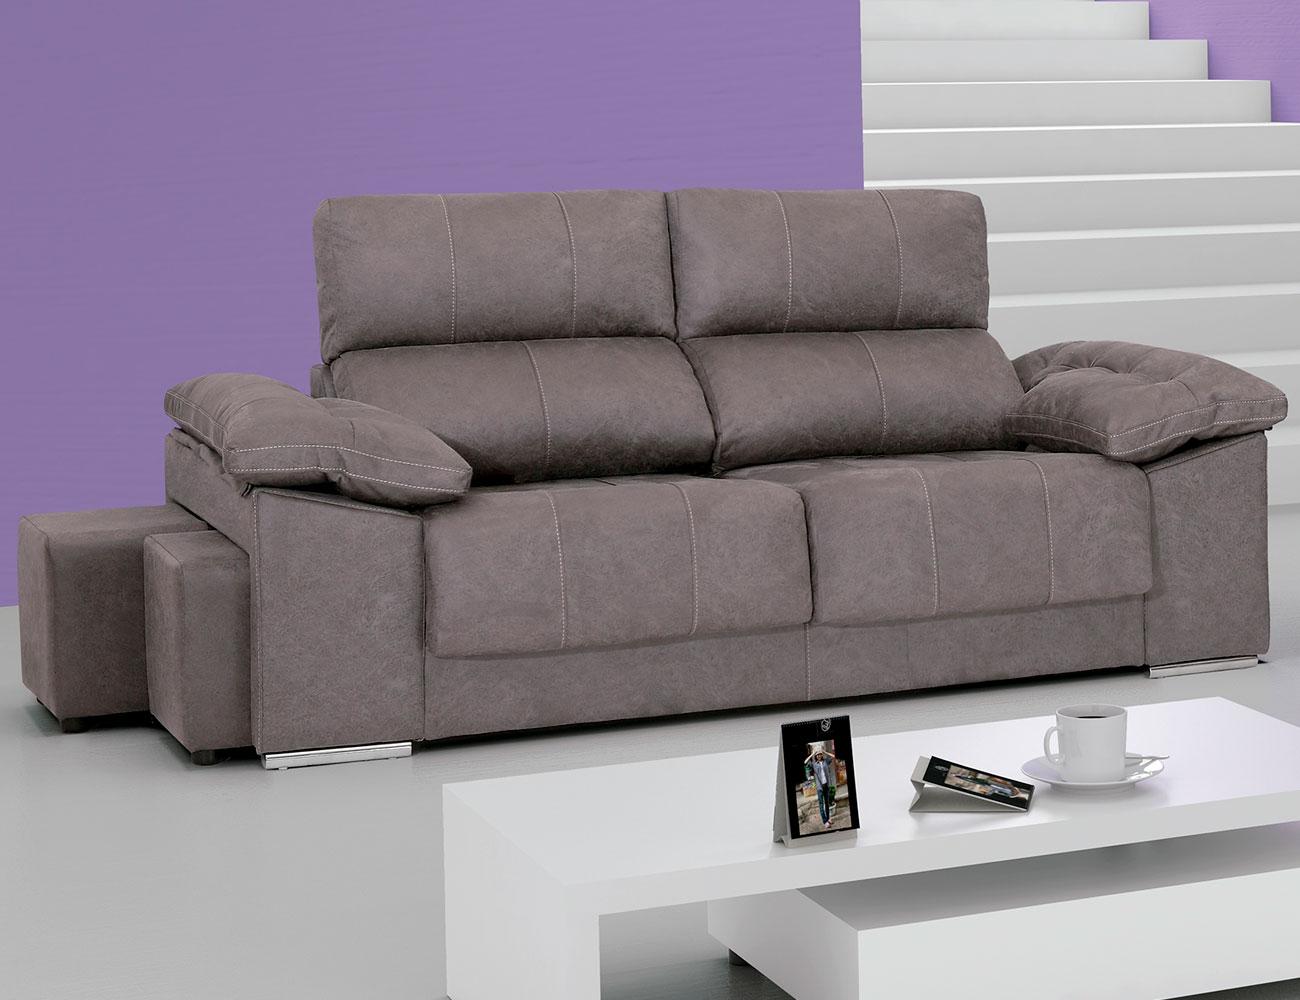 Sof con asientos extra bles y respaldos reclinables en for Sofa 4 plazas asientos deslizantes